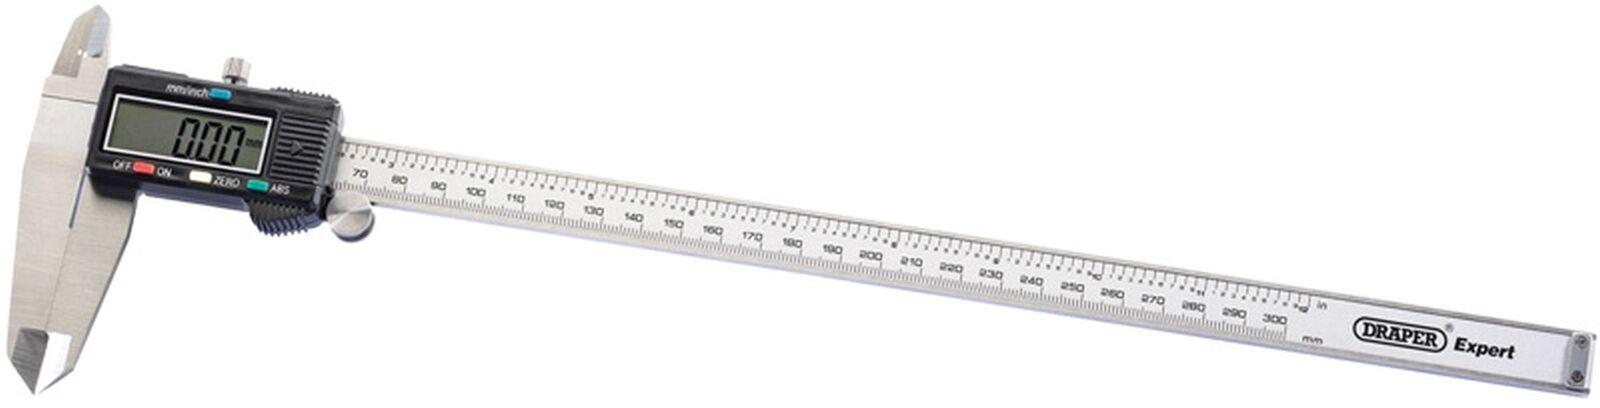 Autentico Draper 0-300mm/0-30.5cm 0-300mm/0-30.5cm 0-300mm/0-30.5cm Calibro Digitale a Nonio 80844 5a8a7c